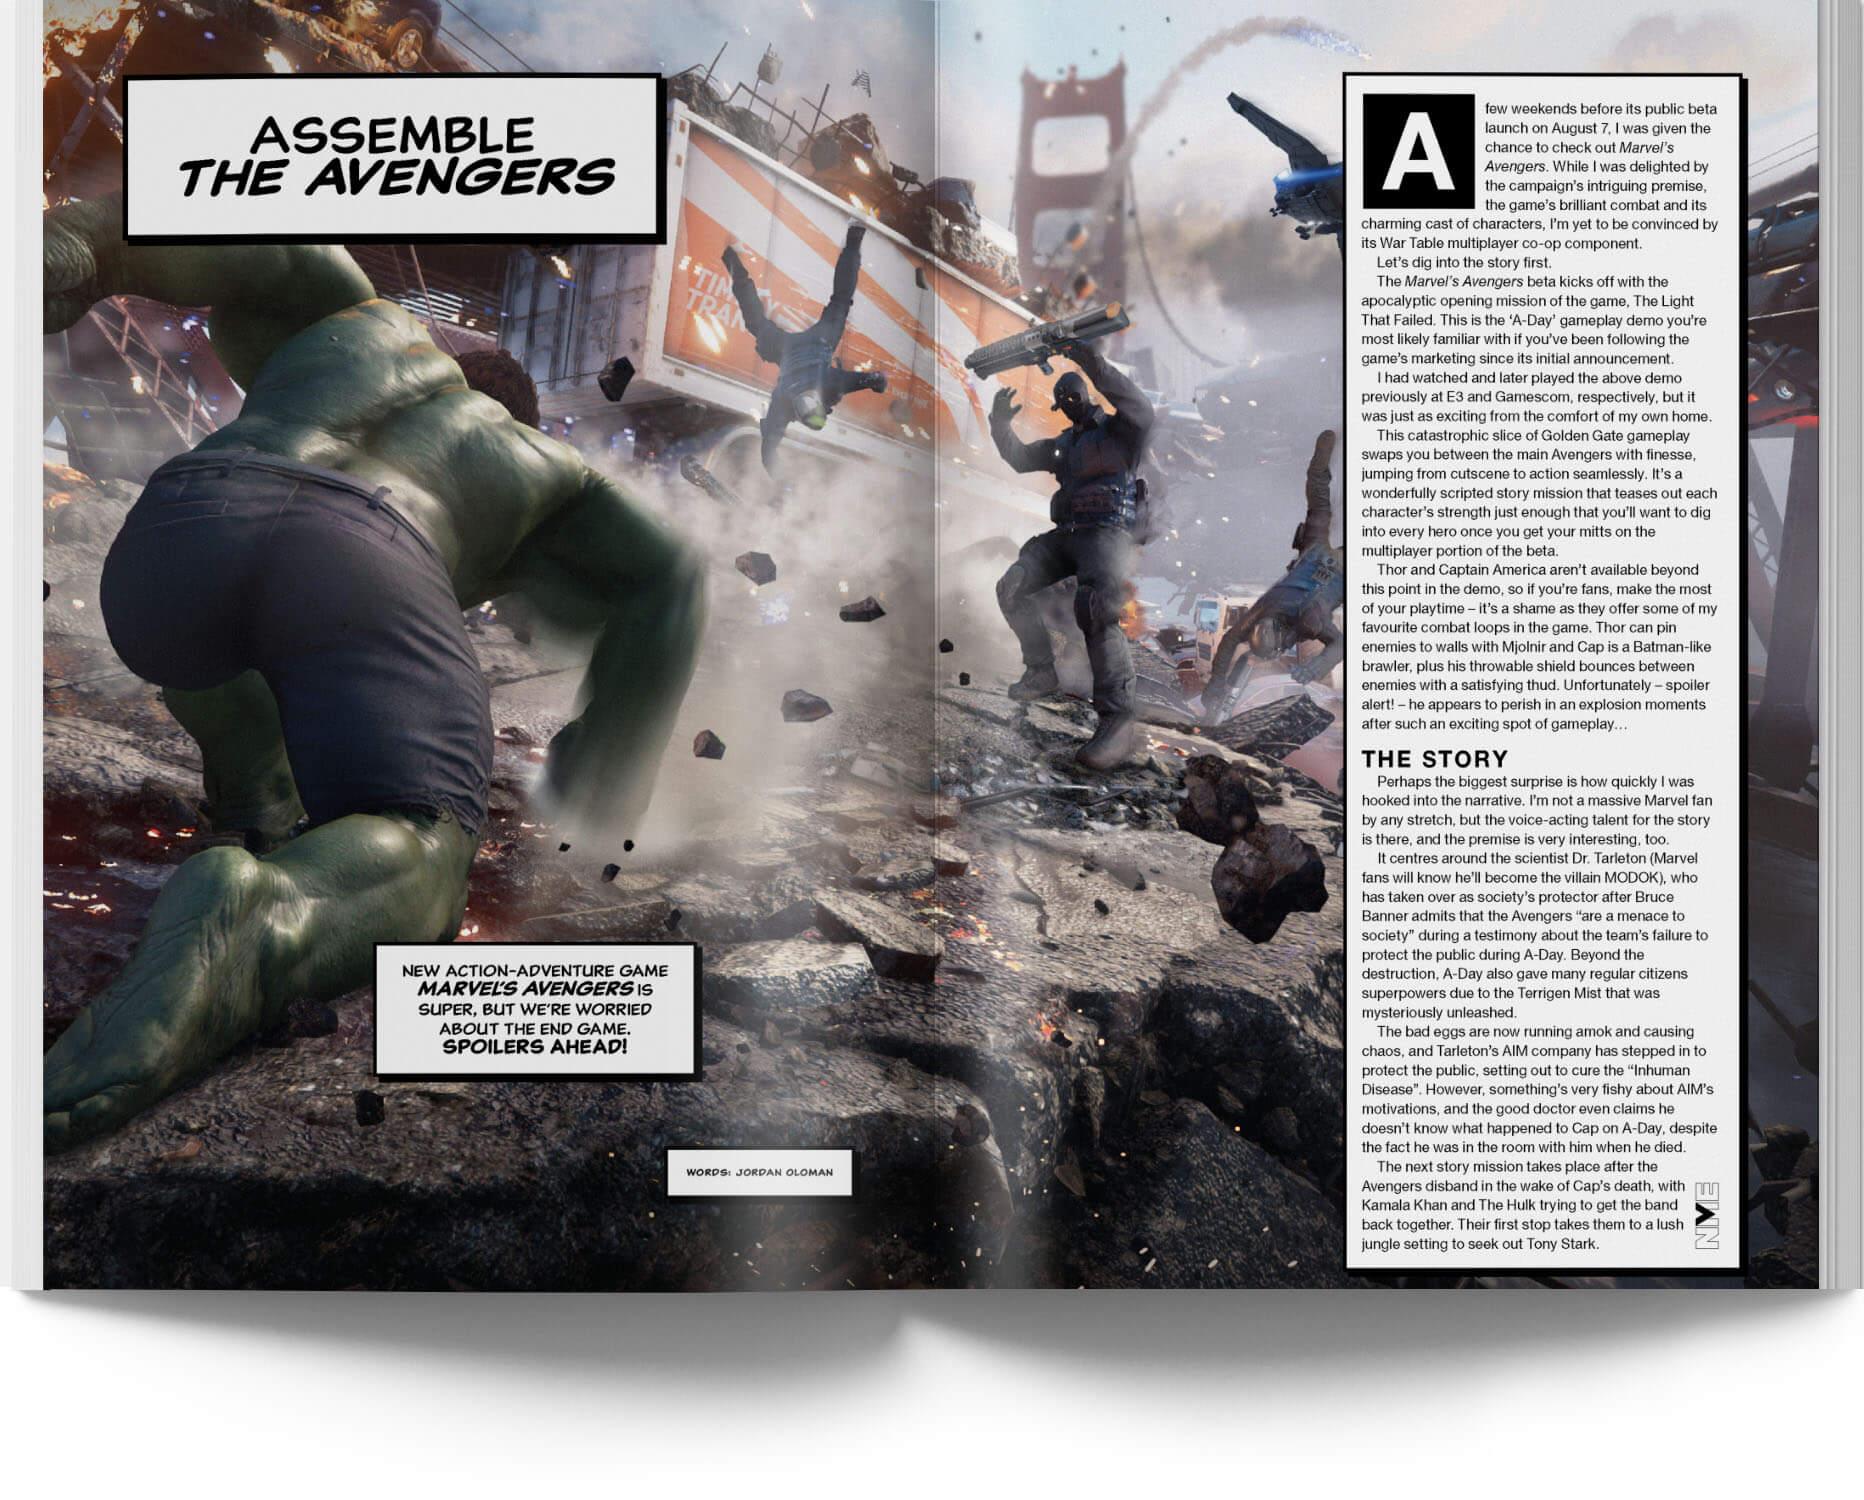 nme australia marvel's avengers